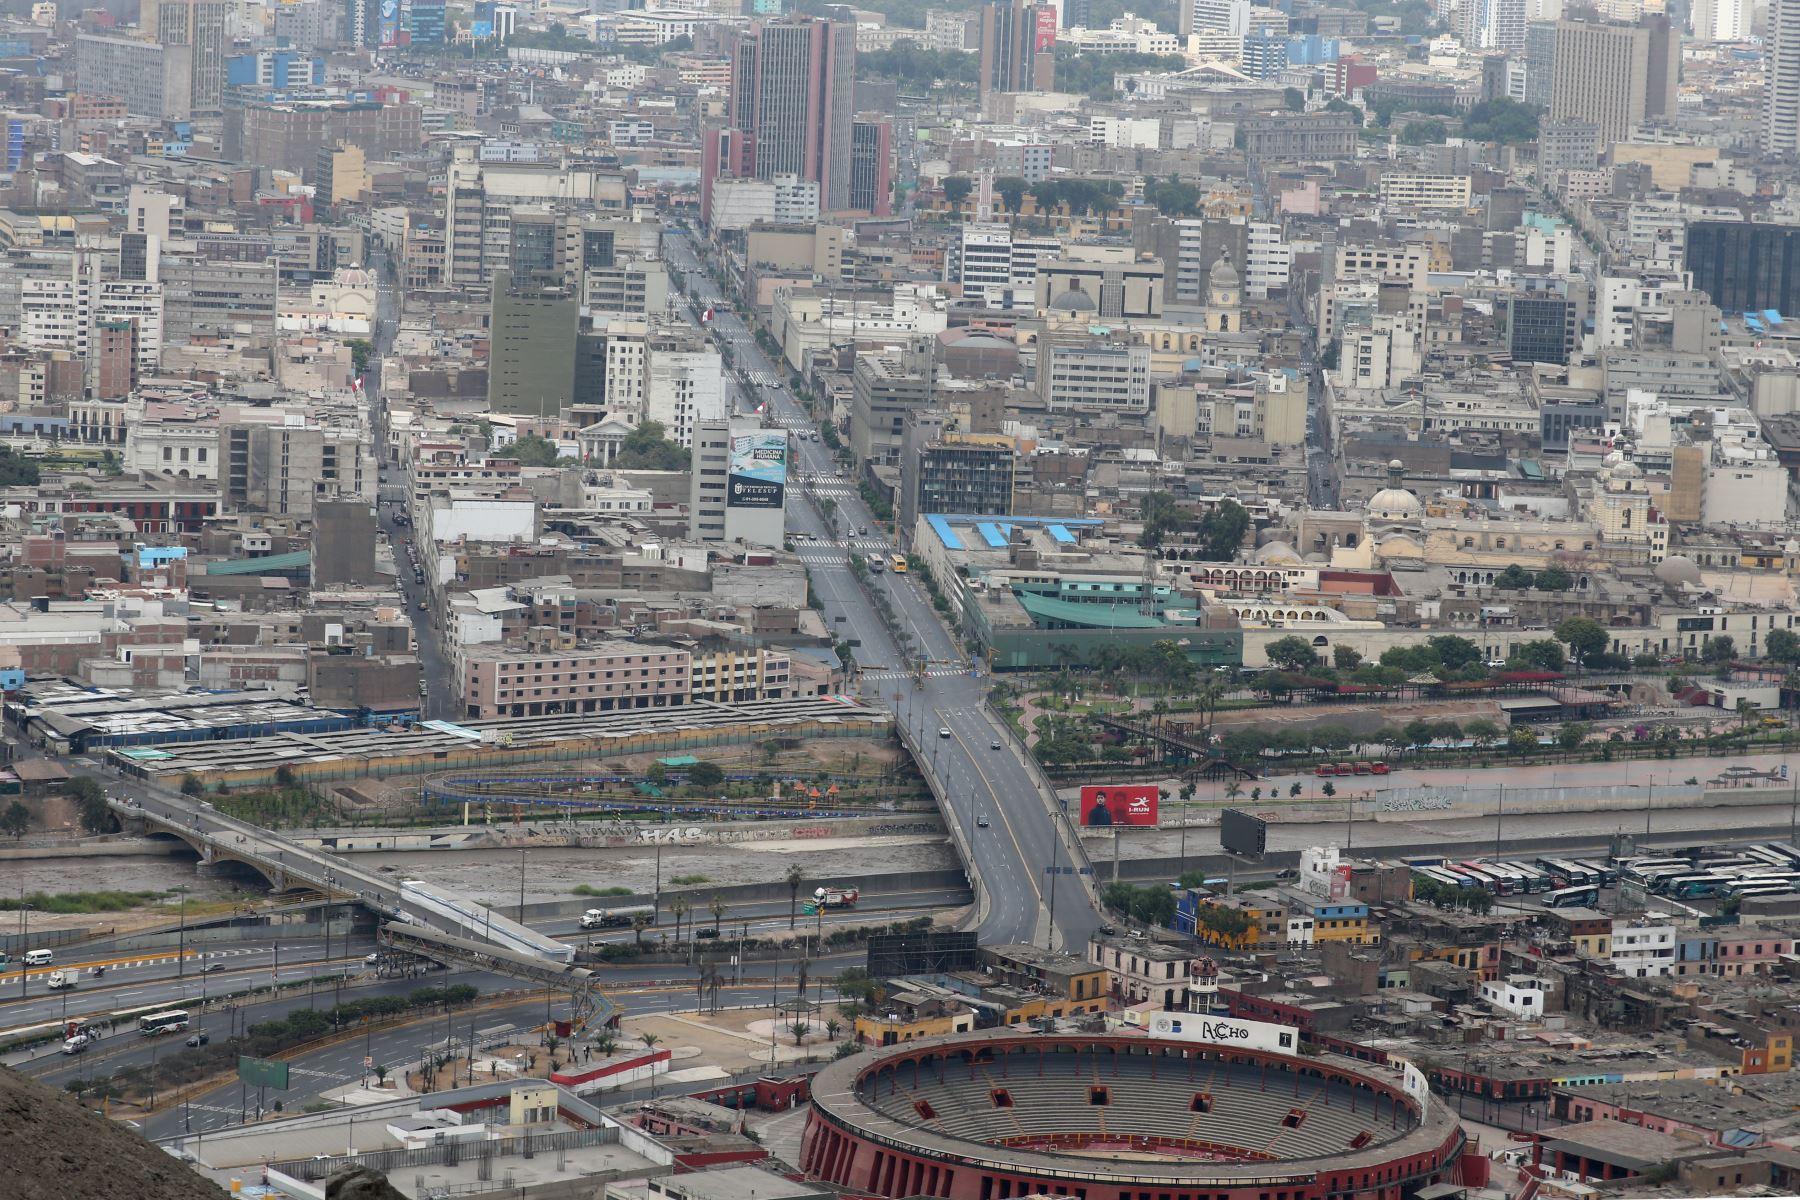 Vista panoramica de Lima   desde el Cerro San Cristobal, durante el día 11 de Estado de Emergencia decretado por el Jefe de Estado en prevención del Covid-19. Foto: ANDINA/Vidal Tarqui